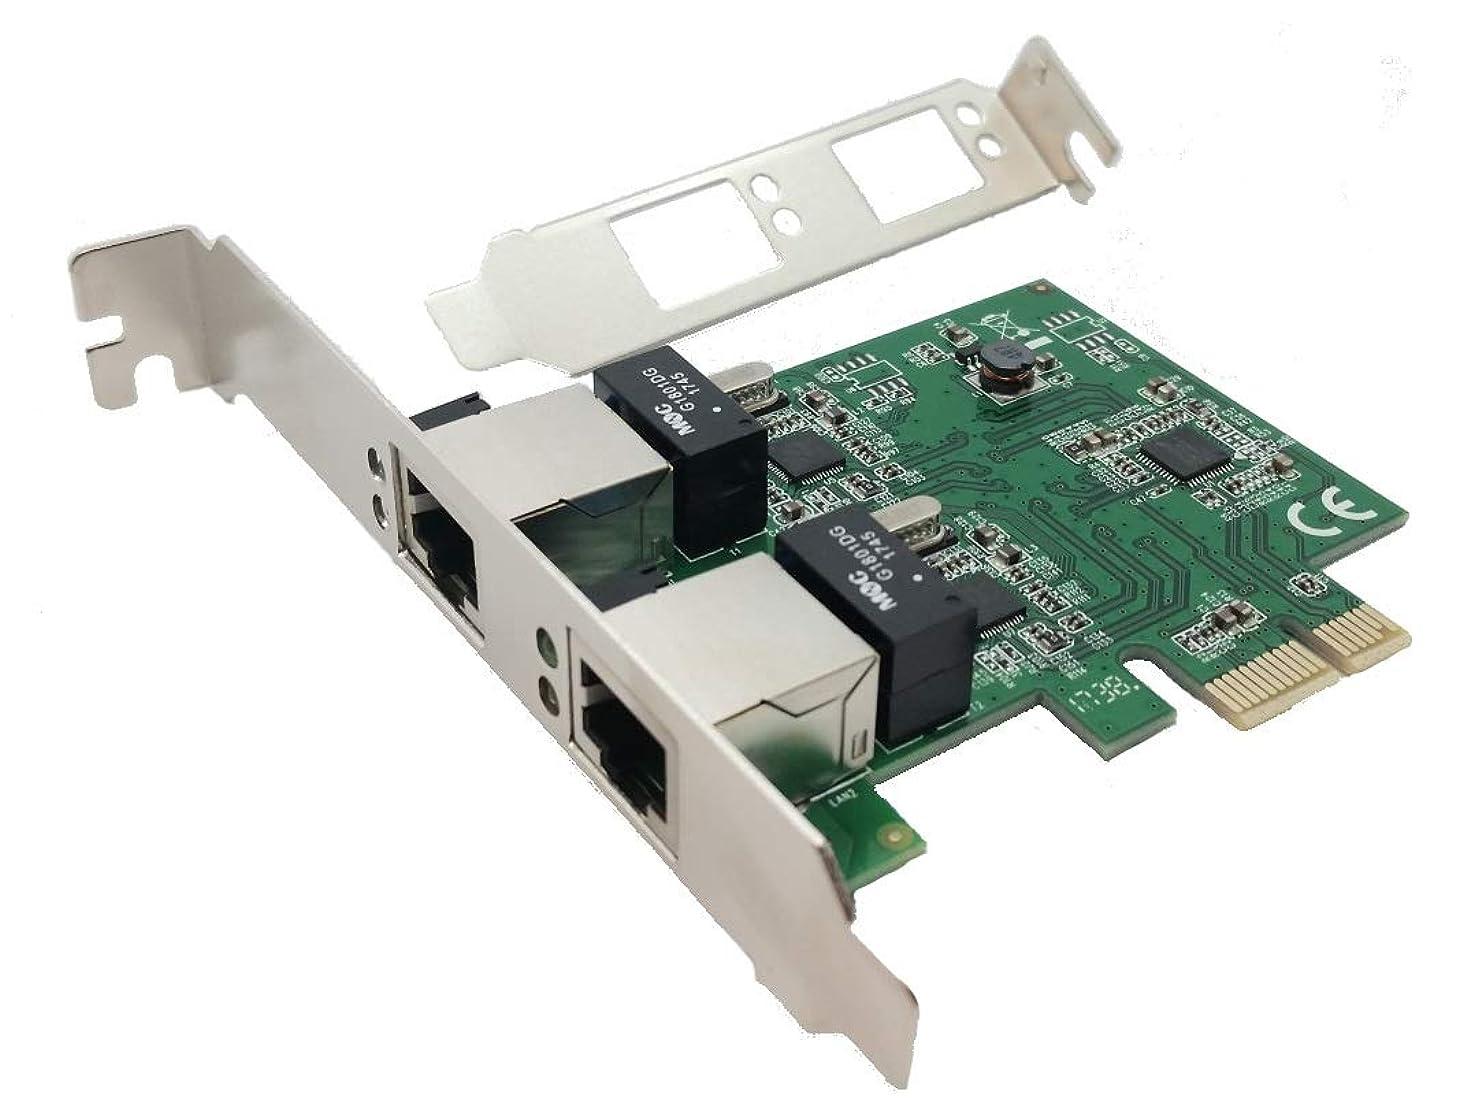 代表して肺炎機関車Tenext デュアルイーサネット LANポート PCI Express x1 ネットワークカード Realtek RTL8111 チップセットとロープロファイルブラケット付き